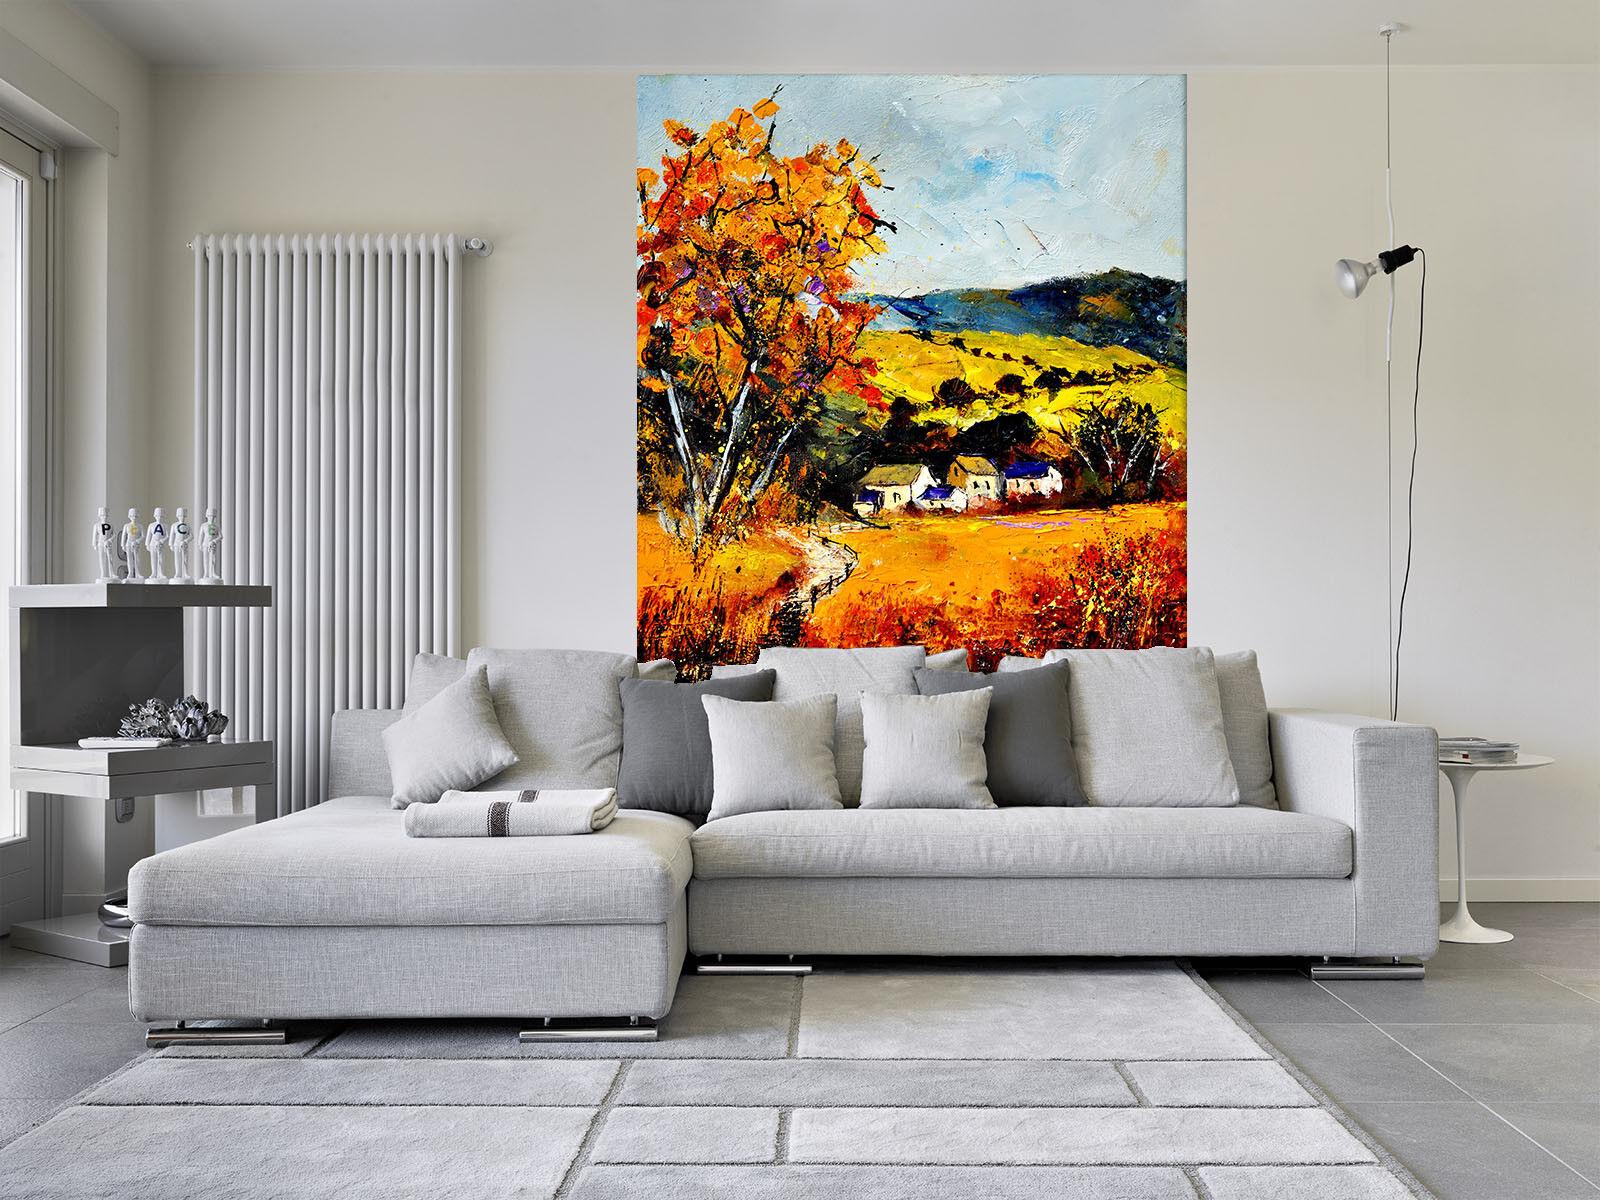 3D Pastorale Ölgemälde 854 Tapete Wandgemälde Tapete Tapeten Bild Familie DE | Verrückter Preis, Birmingham  | München Online Shop  | Zu verkaufen